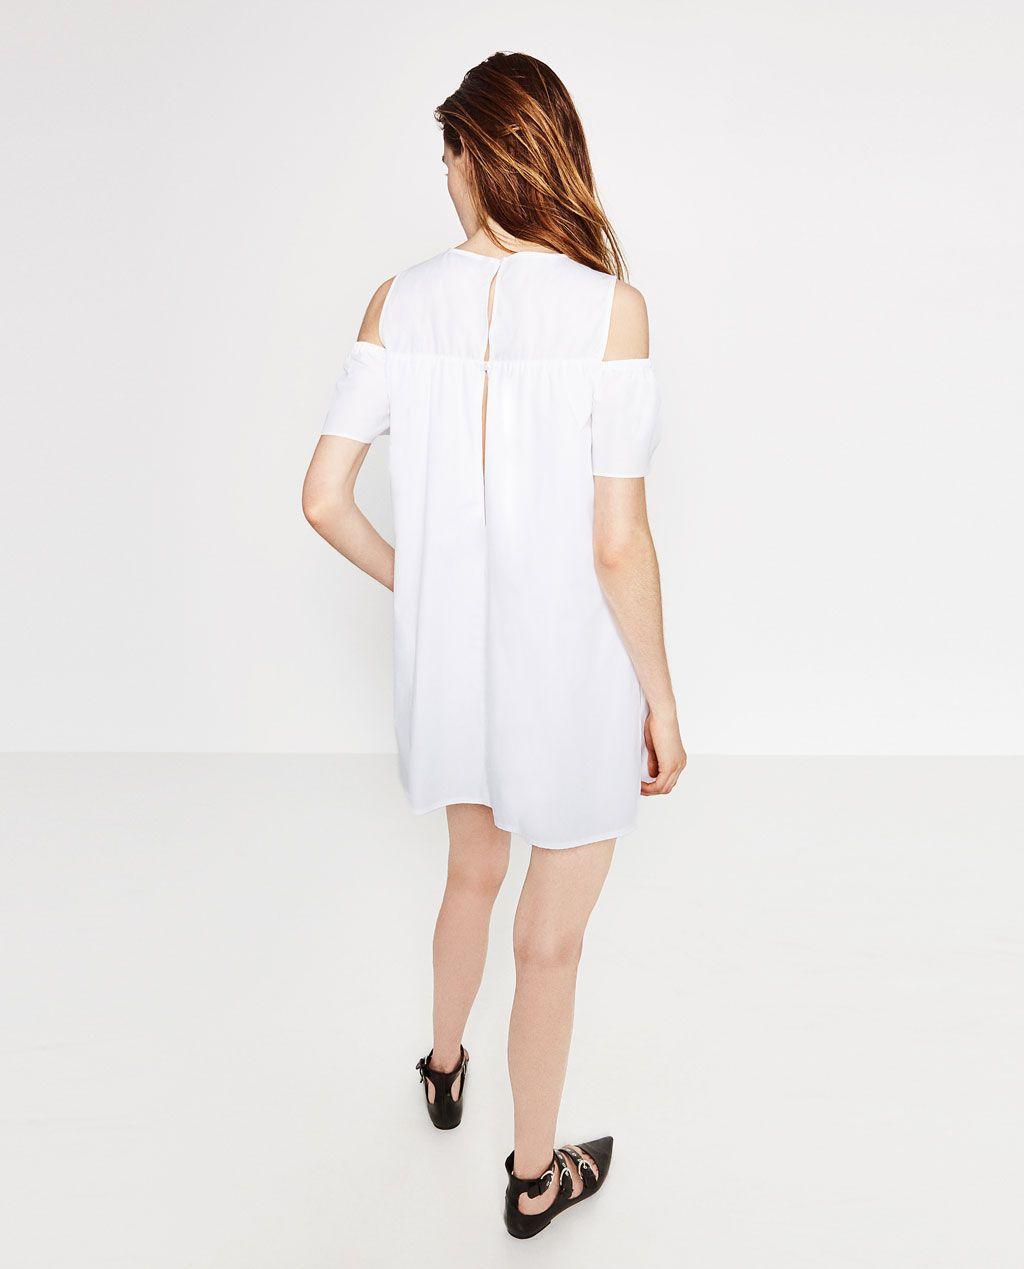 ab9d0f5e59 POPLIN JUMPSUIT DRESS-DRESSES-WOMAN-SALE